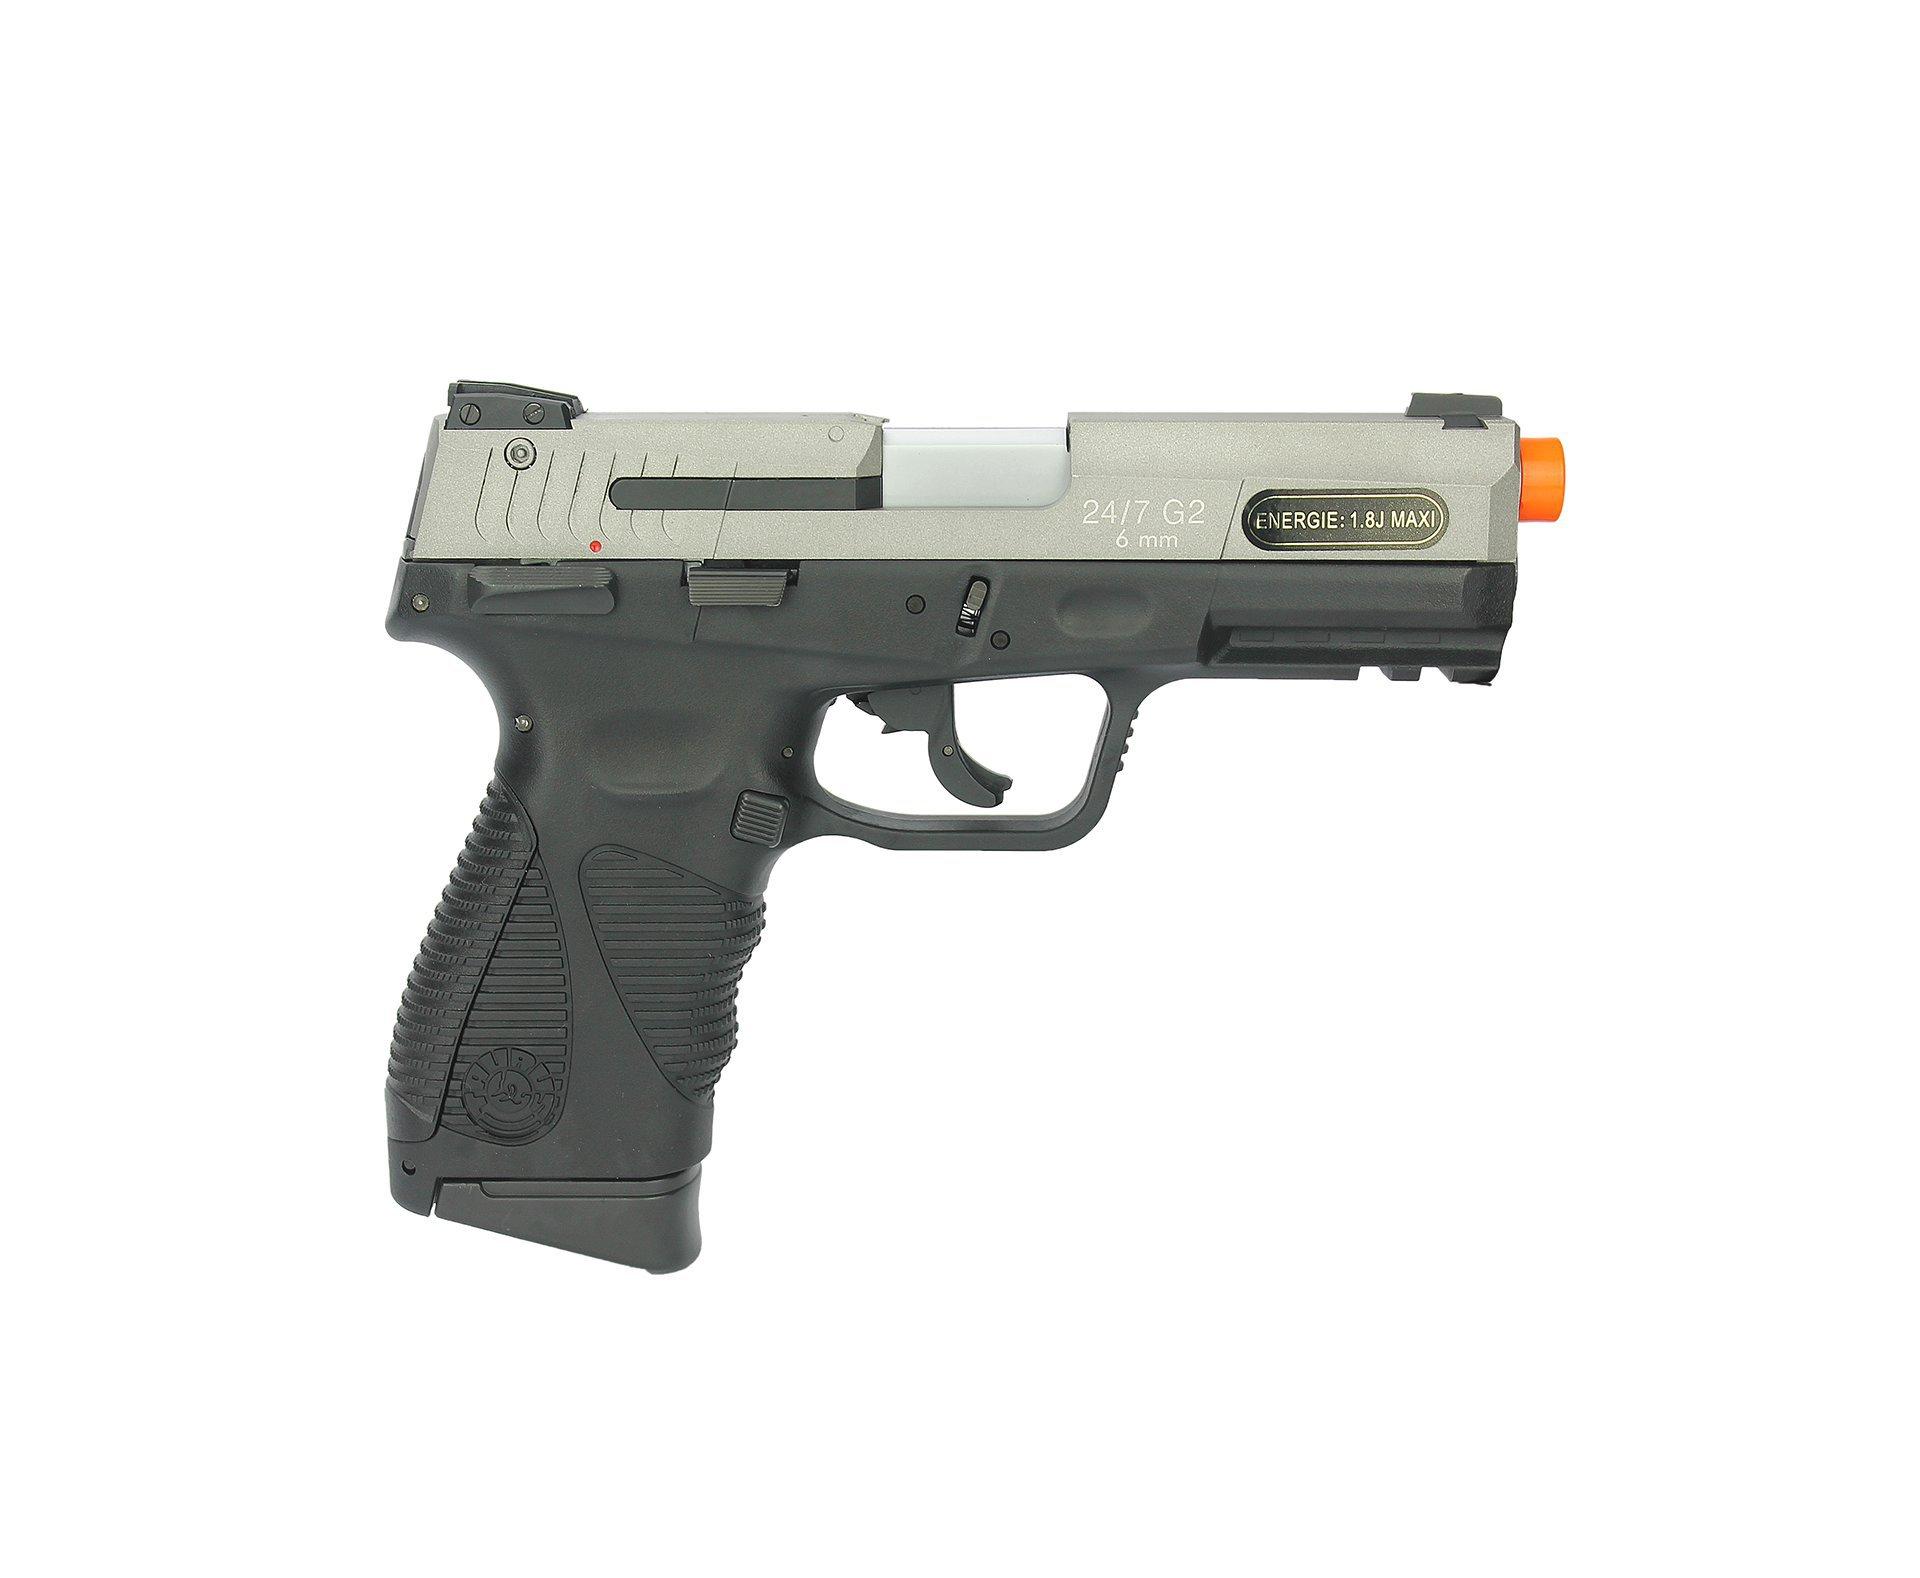 Pistola De Airsoft Gas Co2 Taurus Pt 24/7 G2 Blowback Slide Metal Dual Color 6mm